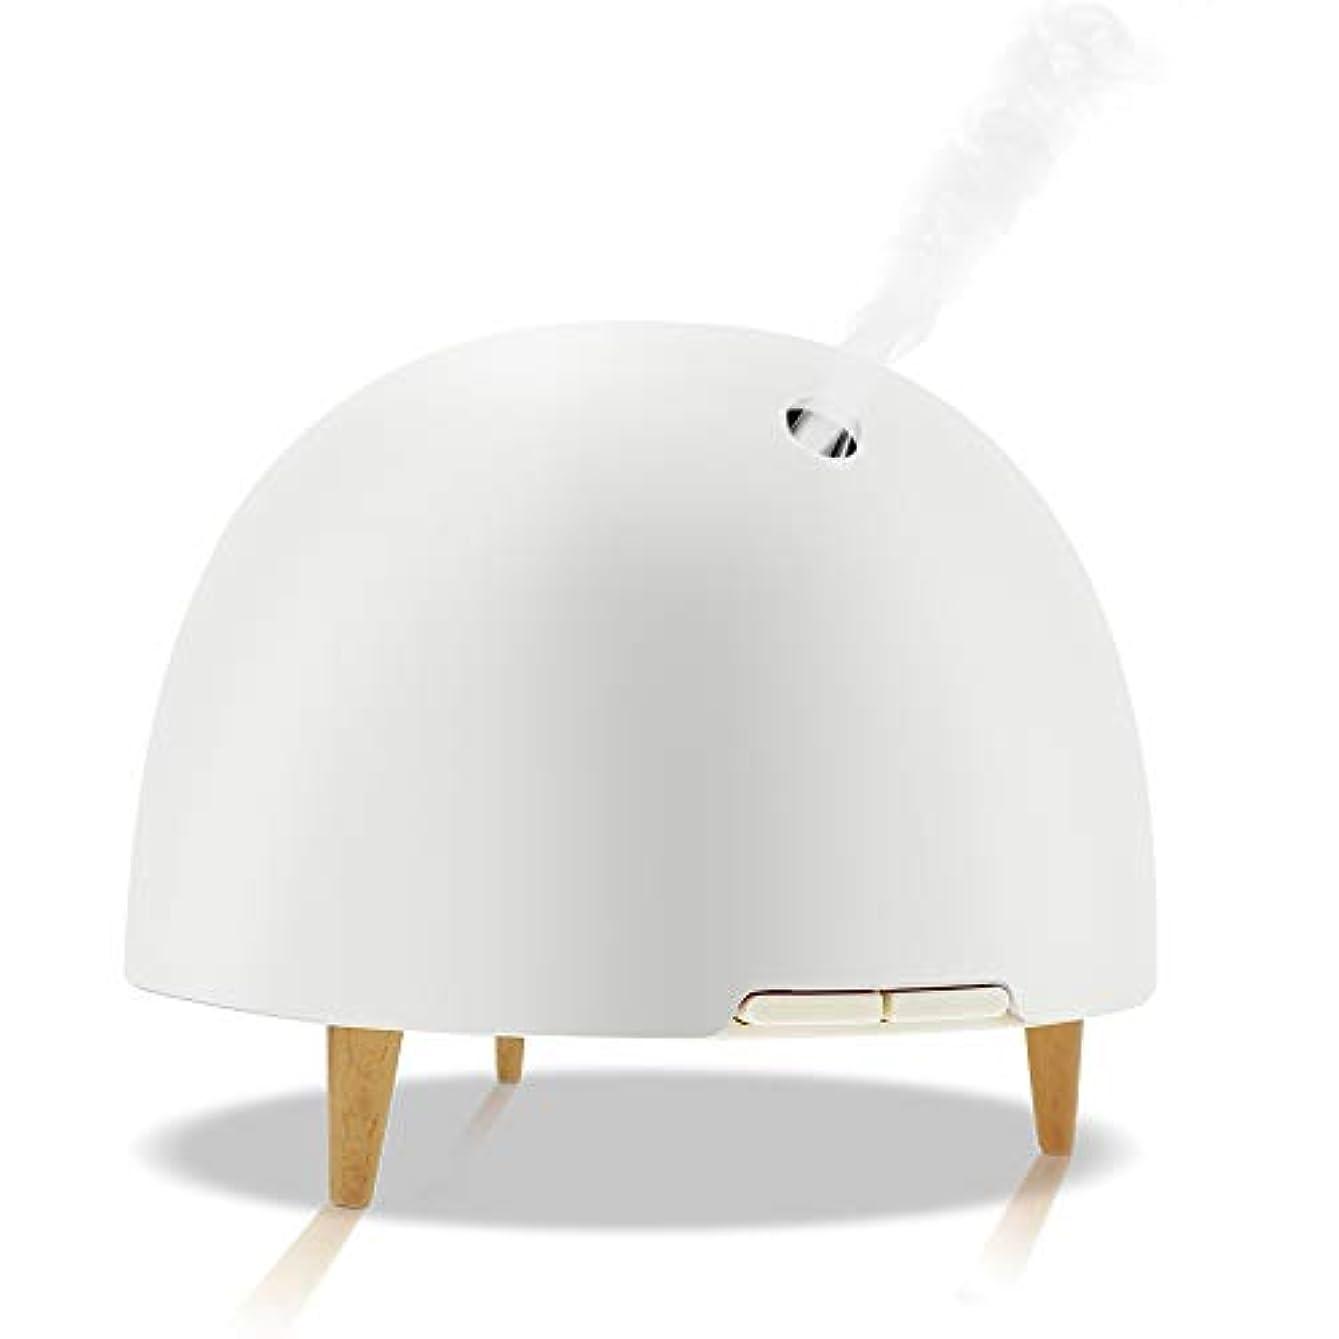 純粋なエッセンシャルオイルアロマテラピーマシン、アロマテラピーエッセンシャルオイルディフューザークールミスト加湿器7色ライト、家庭用、仕事,White